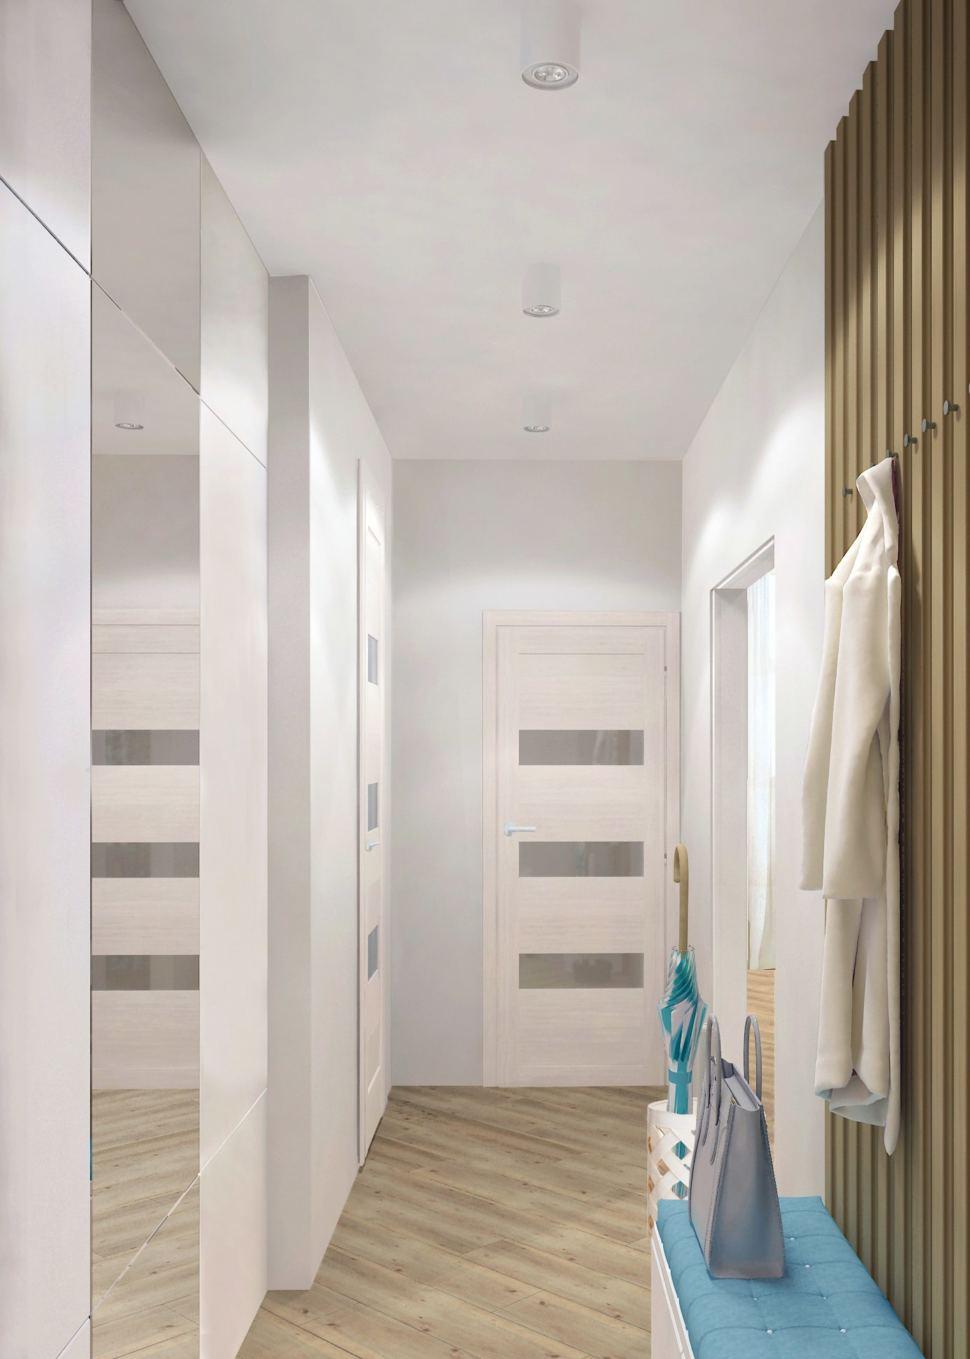 Дизайн прихожей 9 кв.м. в светлых тонах с акцентом, банкетка, открытая вешалка, деревянные бруски, шкаф